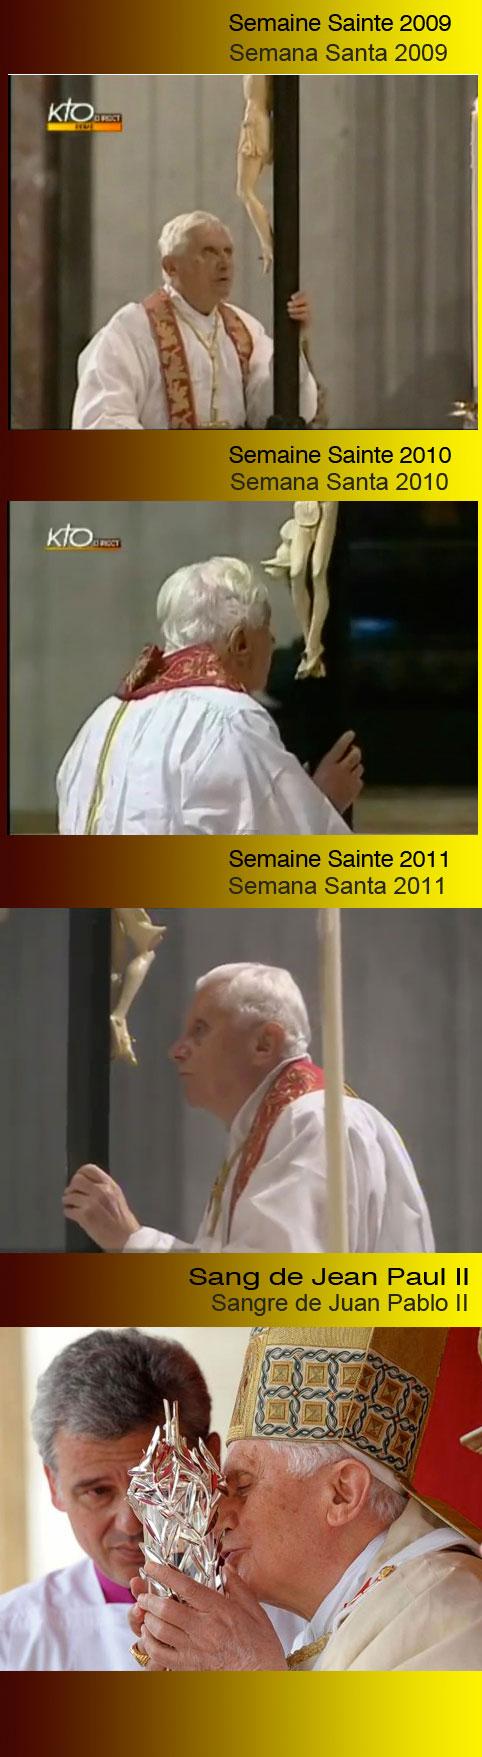 """Le Baisé de Ratzinger à la """"relique de JPII"""